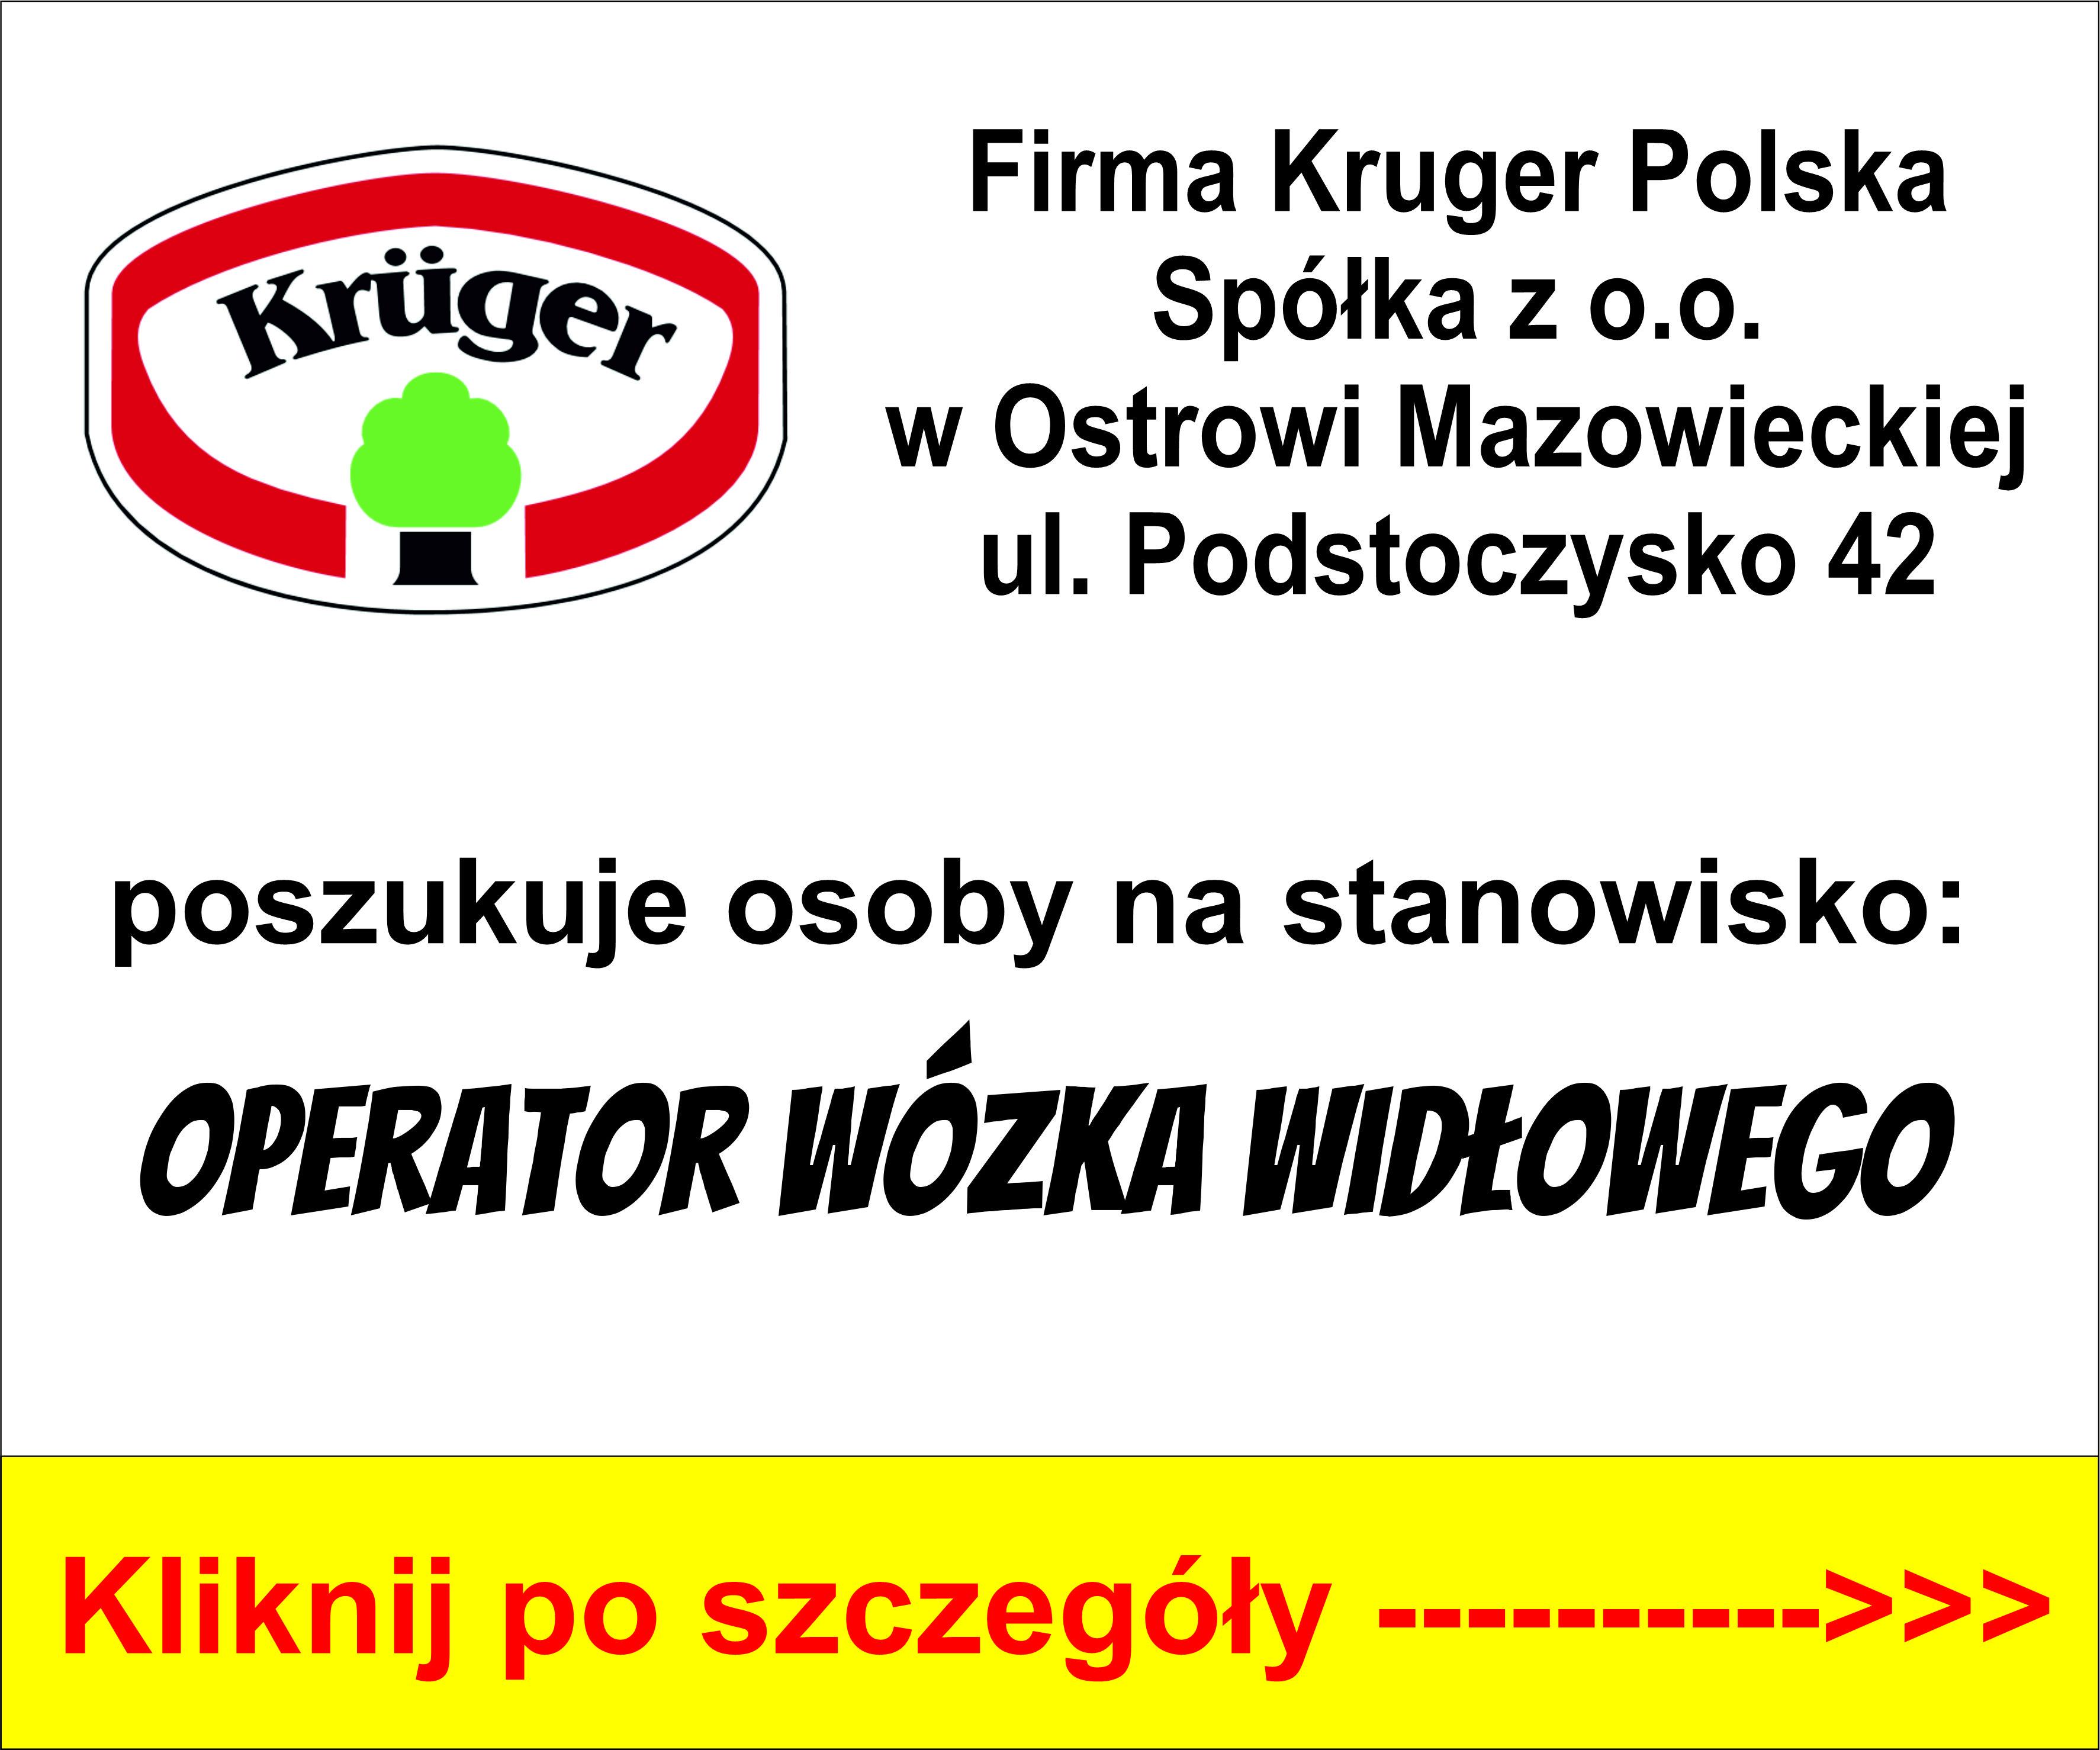 Firma Kruger Polska Spółka z o.o. w Ostrowi Mazowieckiej zatrudni: operator wózka widłowego